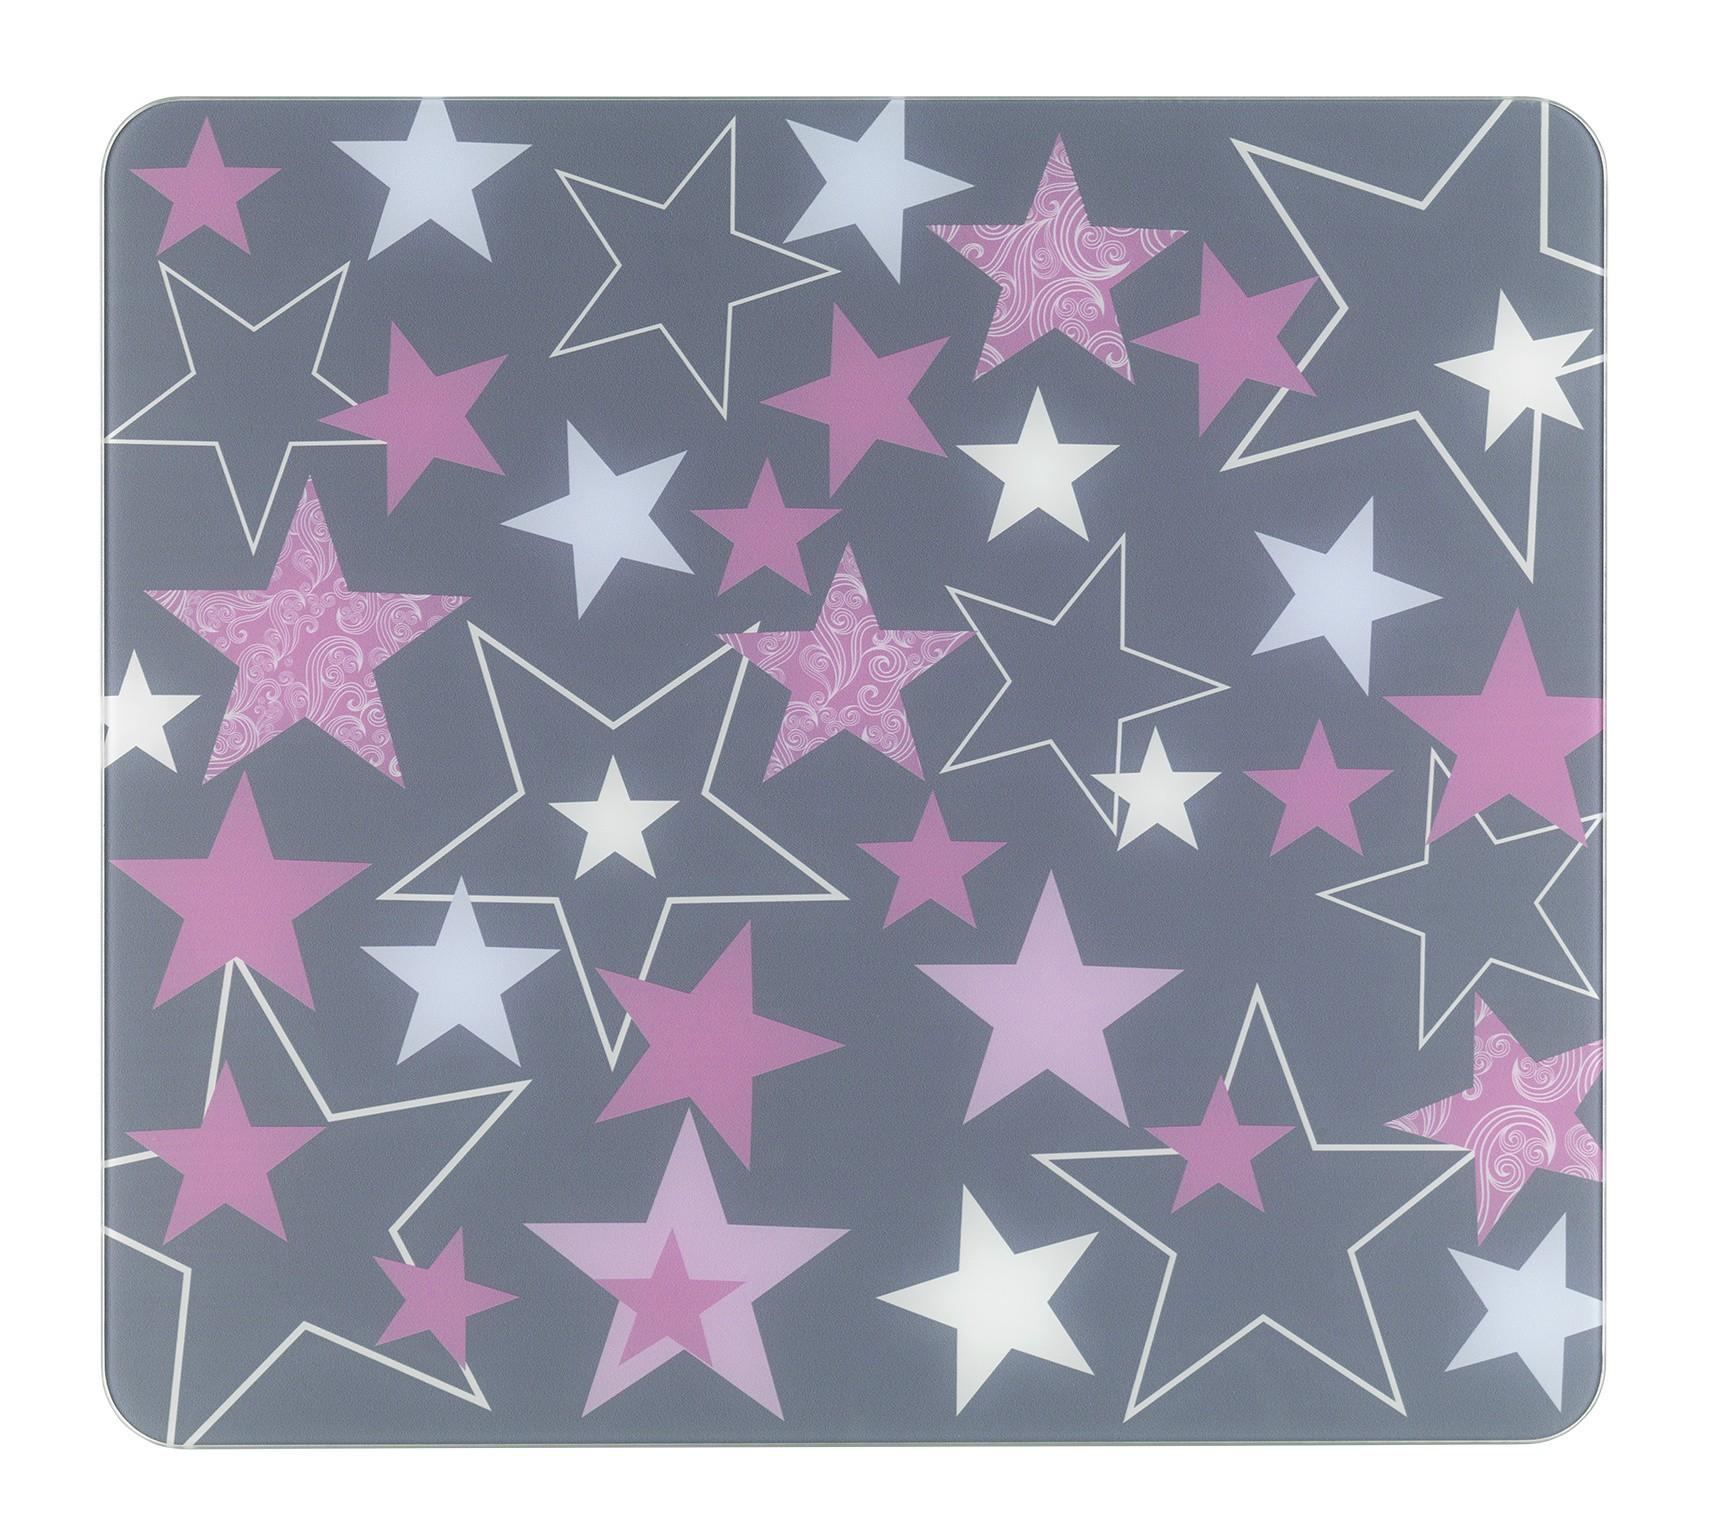 Multi-Platte Sterne Rosa, für Glaskeramik Kochfelder, Schneidbrett